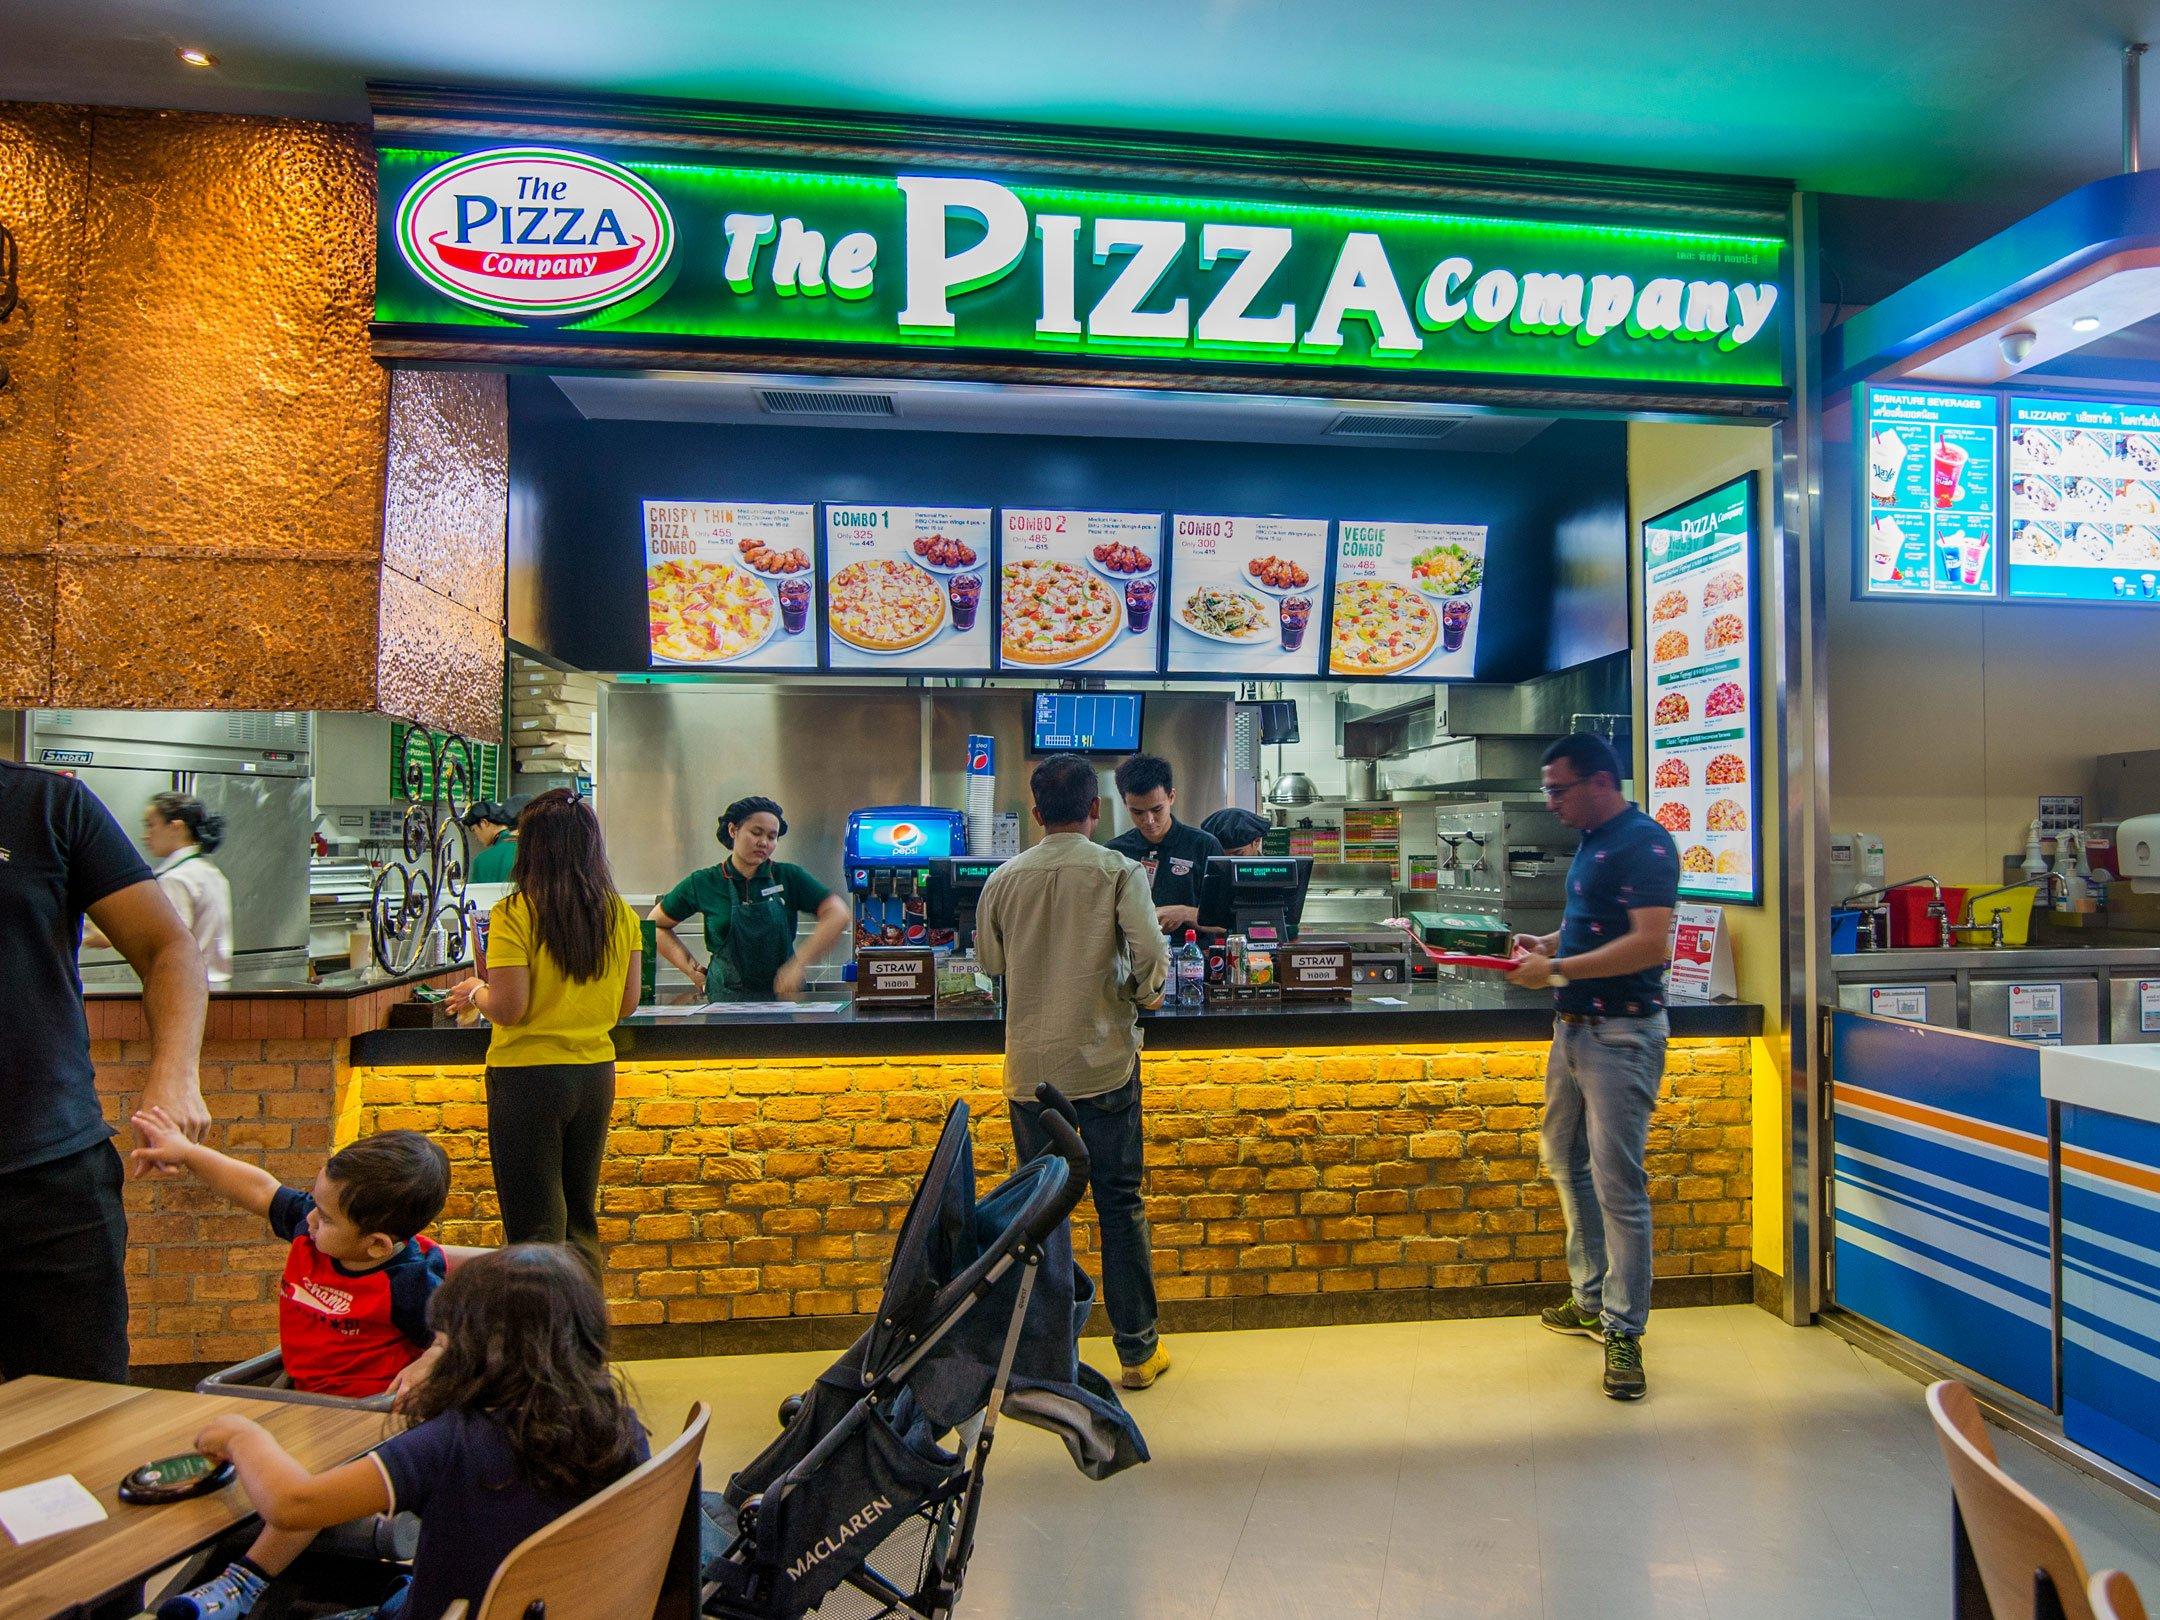 The Pizza Company ปี 2021 ชะลอการเปิดสาขาเพิ่ม กลับมาเน้นเดลิเวอรีอีกครั้ง